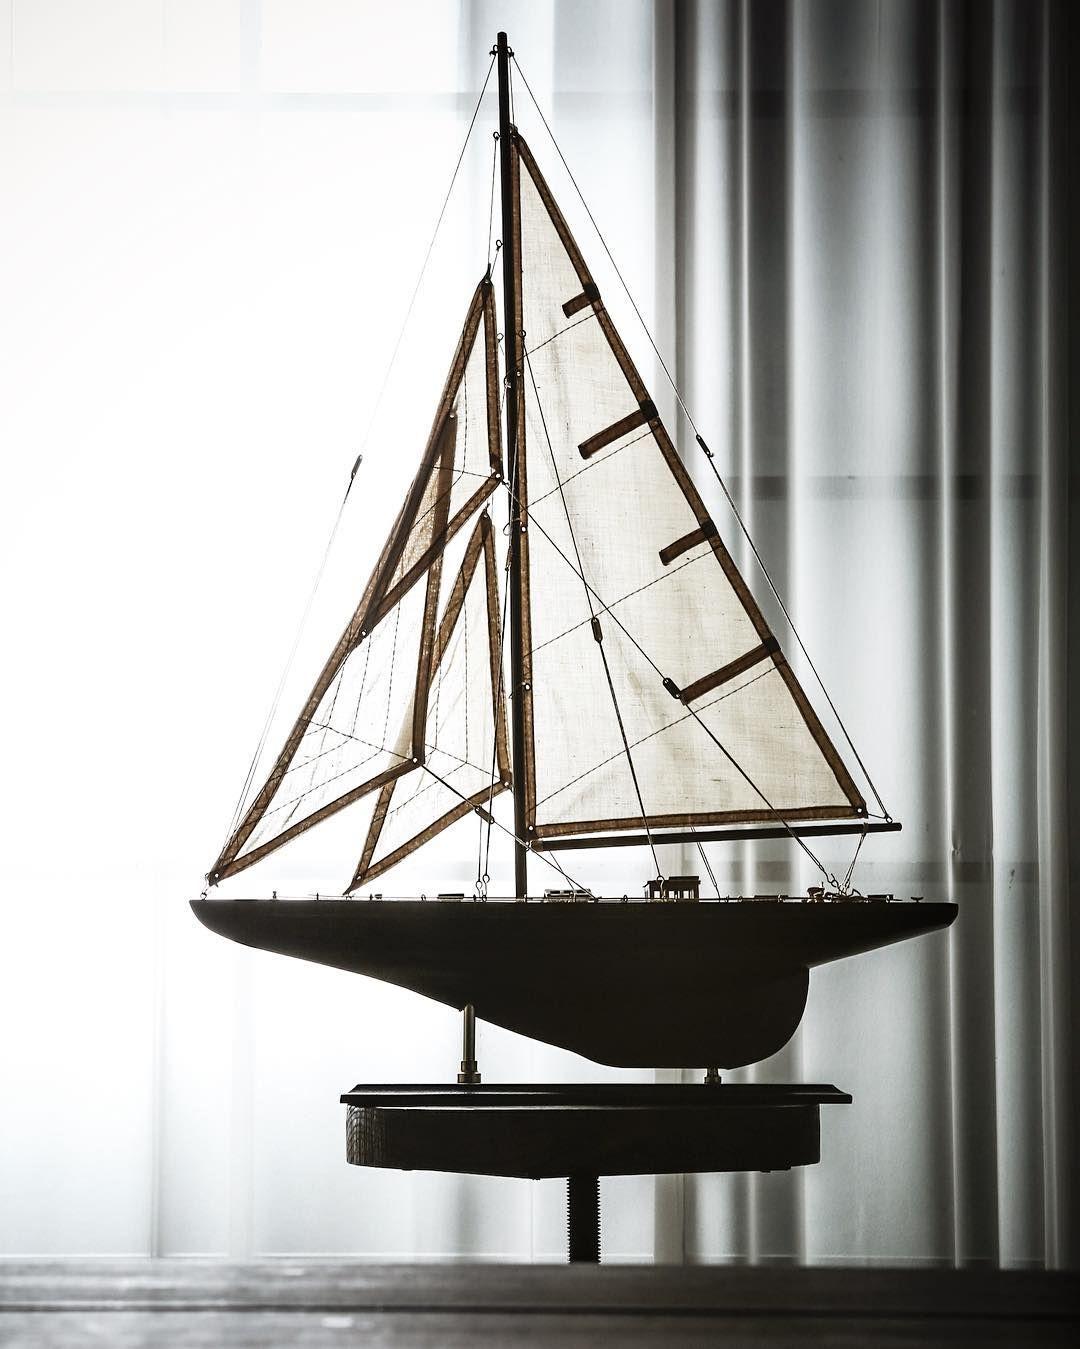 나무요트 데코레이션 모형 내 책상위 1등 항해사는 바로 나 #요트#배#ship#감성#sailboat#boat#보트#나무#오브제#인테리어#장난감#토이#소품#셀프인테리어#디자인#펀샵#funshop by funshop_living